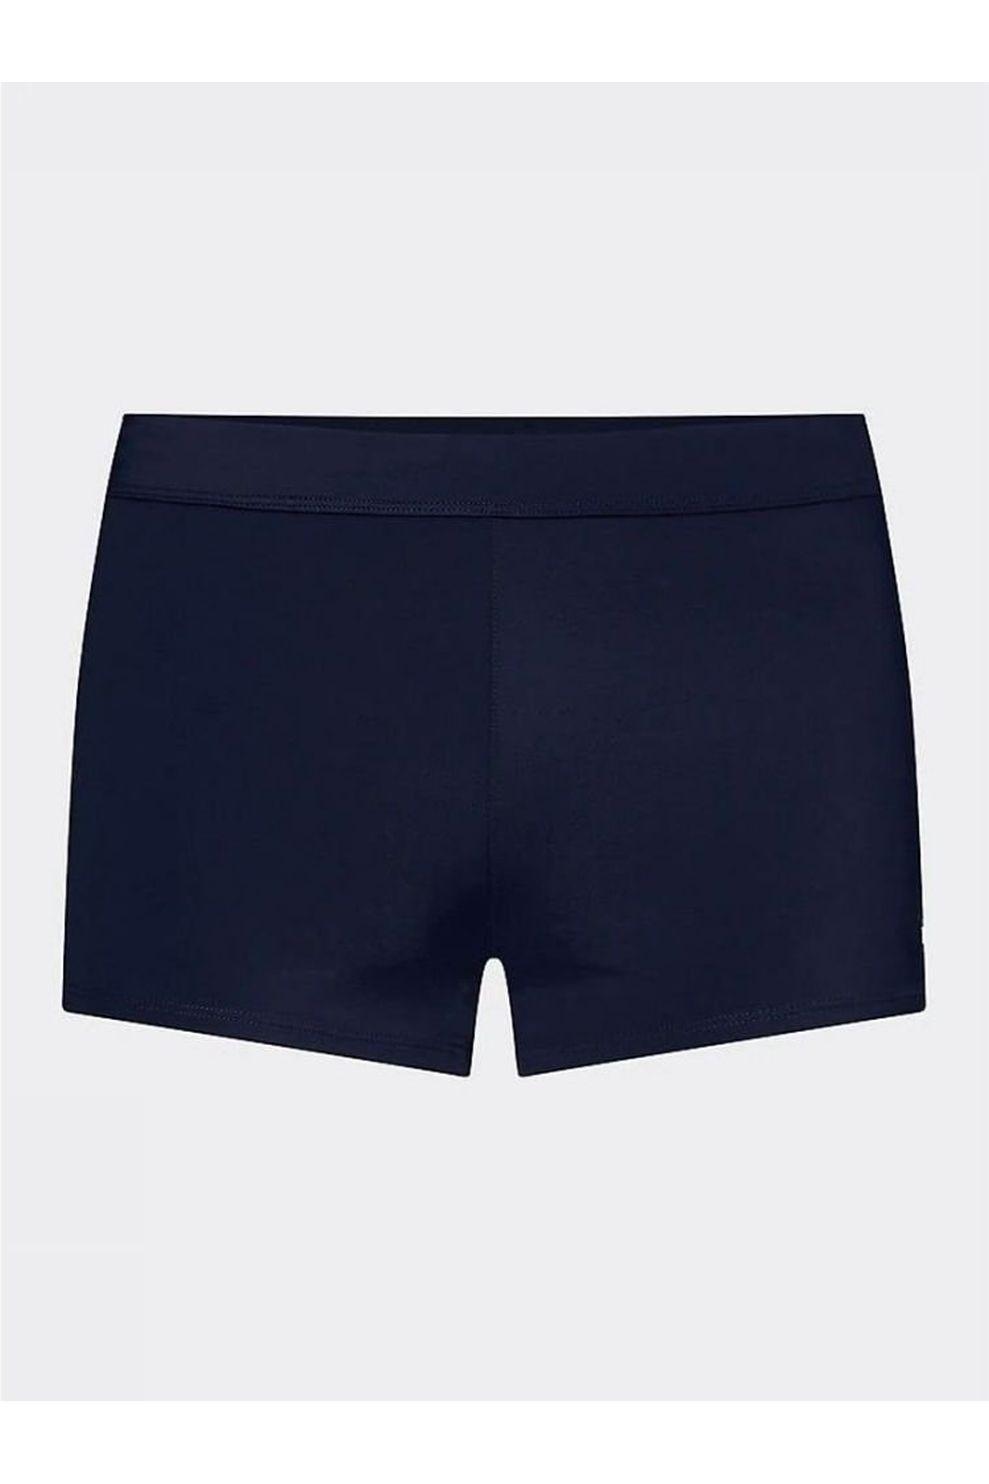 Tommy Hilfiger Slip Knit Trunk voor heren - Blauw - Maten: S, L, XL